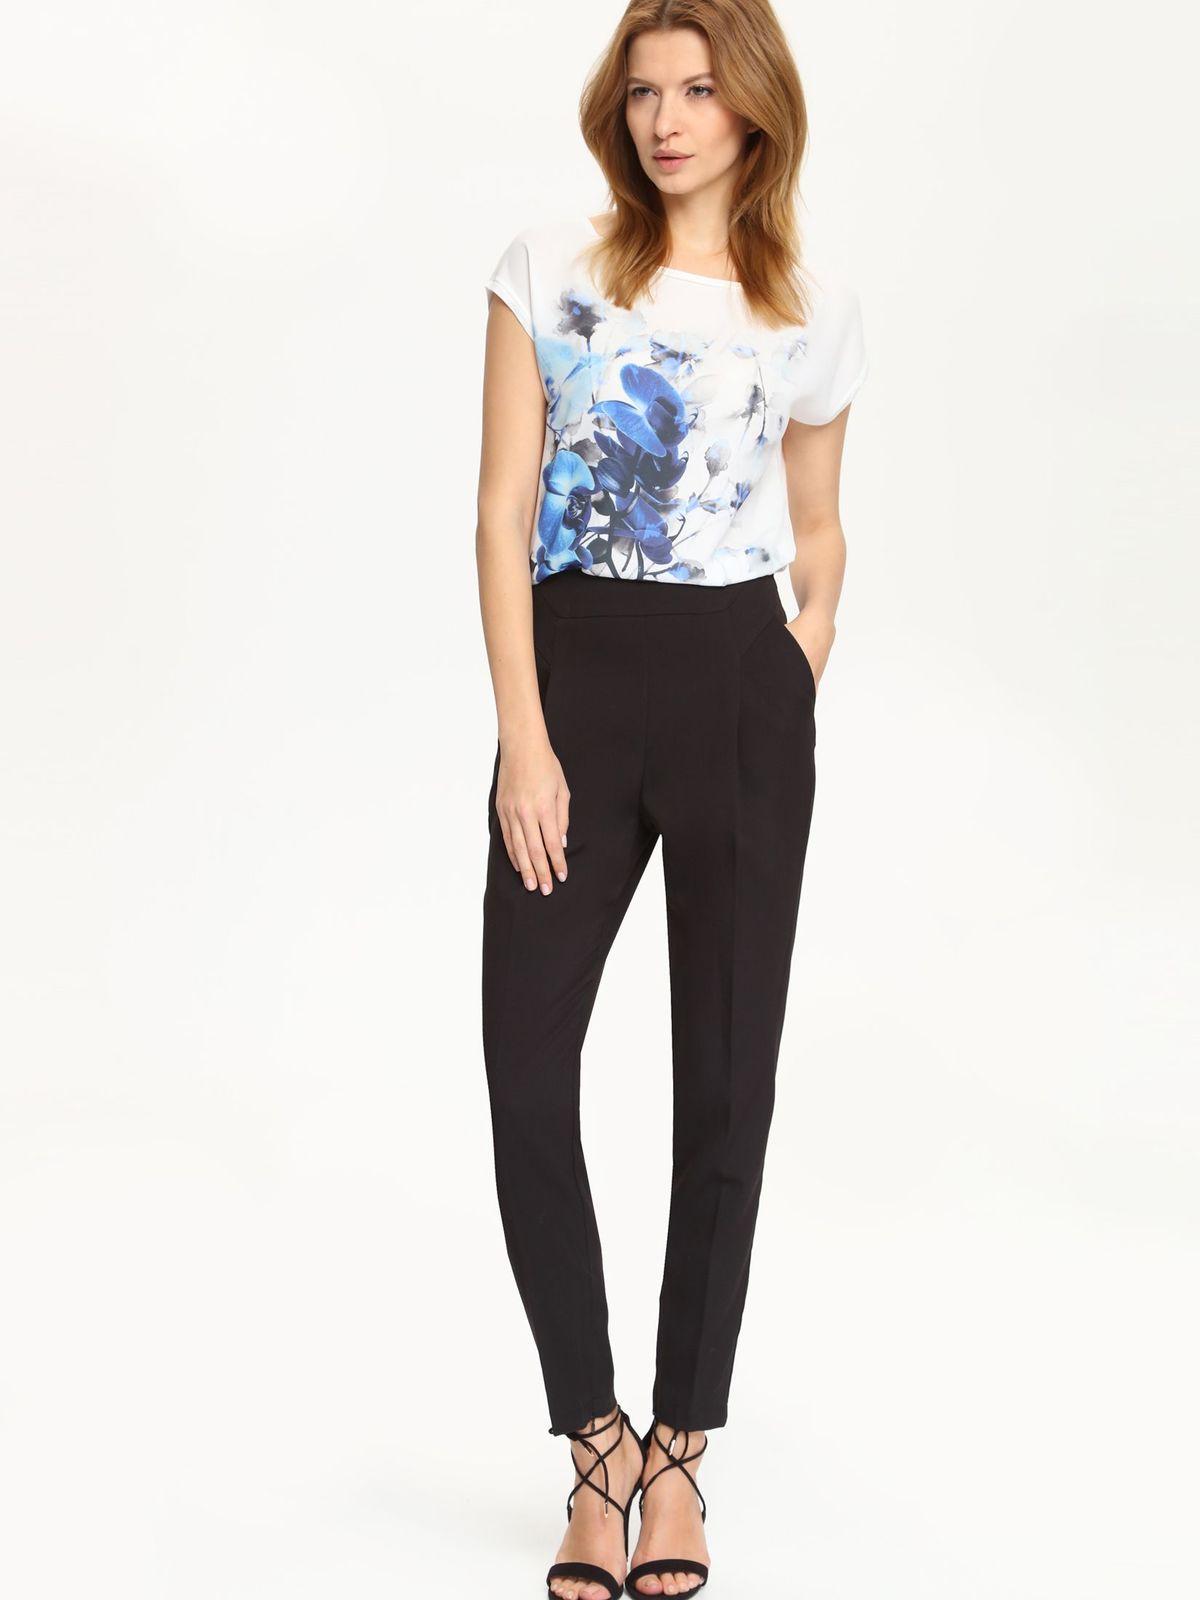 БлузкаSBK2171BIСтильная женская блуза Top Secret, выполненная из полиэстера и вискозы, подчеркнет ваш уникальный стиль и поможет создать оригинальный женственный образ. Свободная блузка с короткими цельнокроеными рукавами и воротником лодочкой. Модель оформлена цветочным принтом и небольшой металлической нашивкой с названием бренда. Низ изделия по боковым швам дополнен небольшими разрезами. Такая блузка будет дарить вам комфорт в течение всего дня и послужит замечательным дополнением к вашему гардеробу.